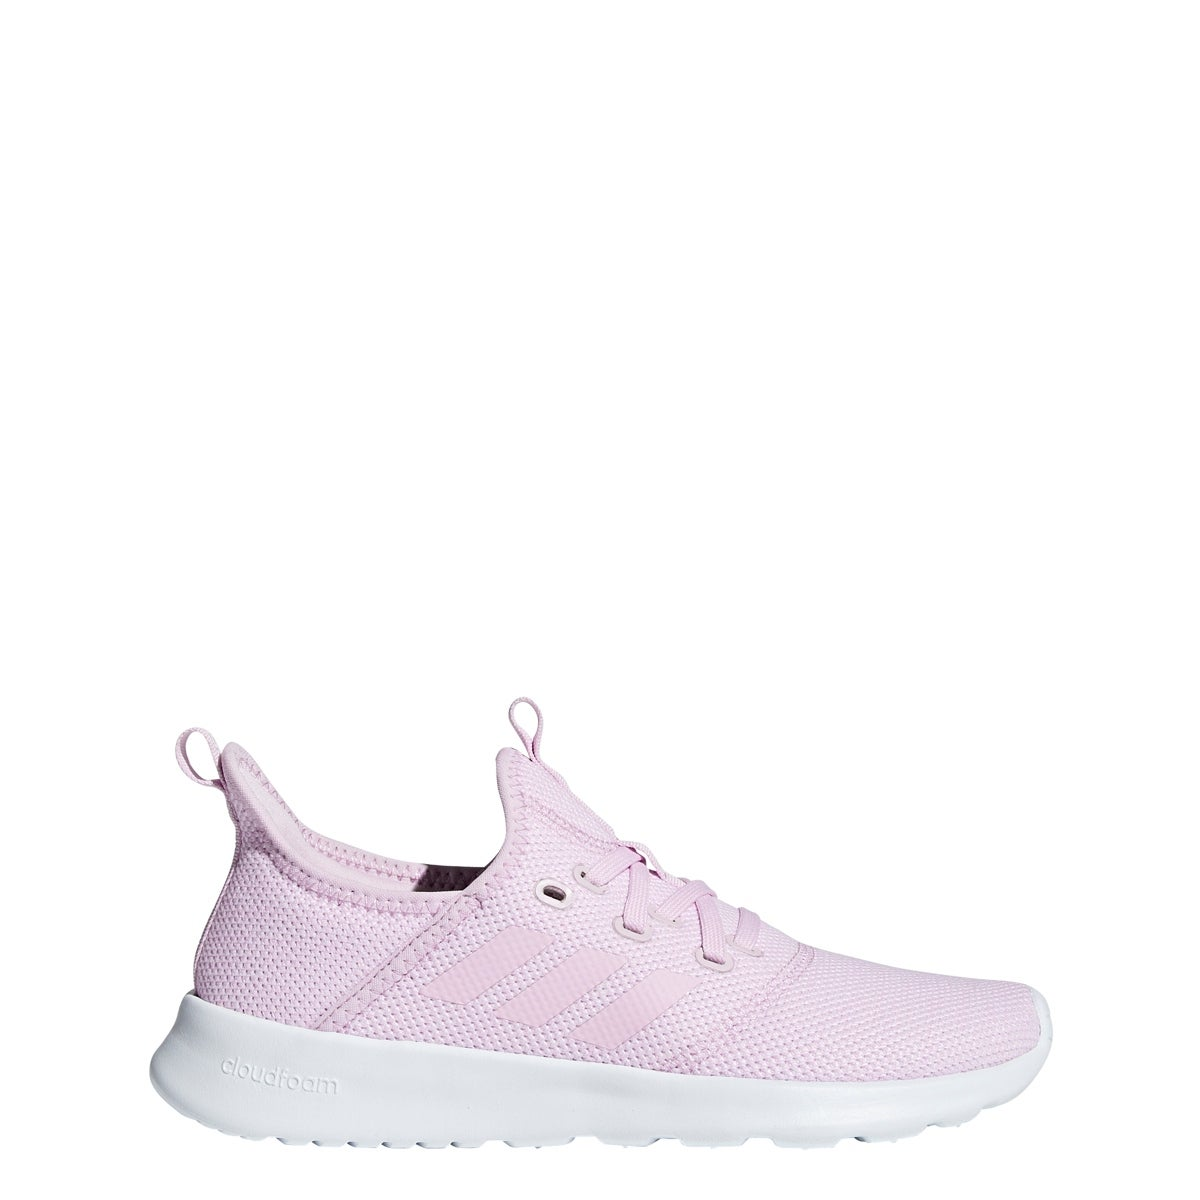 f6e4a0eaf90b31 Shop Adidas Women s Cloudfoam Pure Running Shoe - Free Shipping Today -  Overstock - 27326833